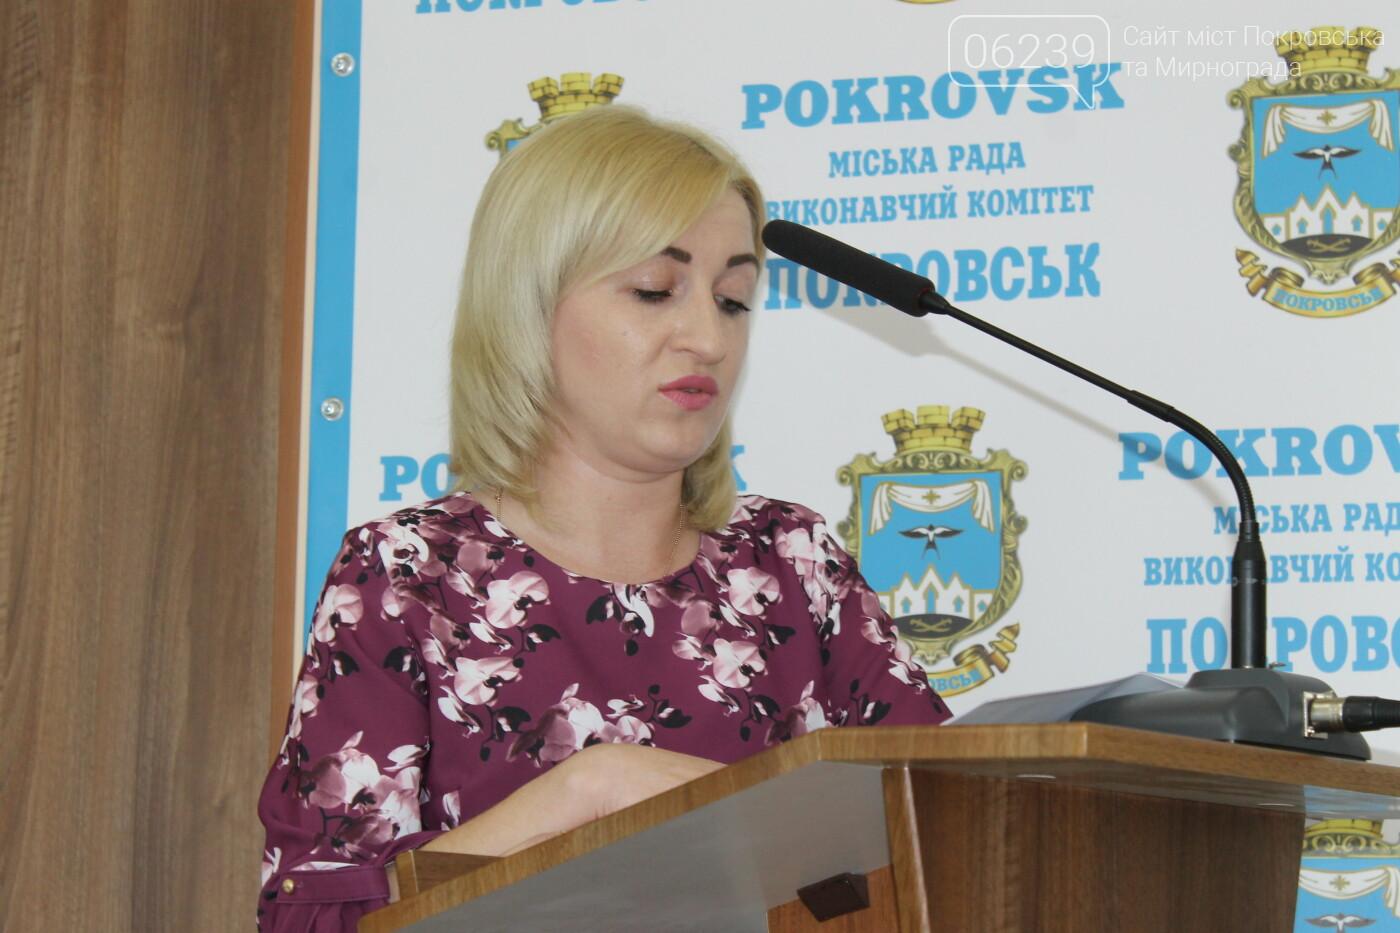 Жителям Покровска придется платить за проезд на одну гривну больше: в мэрии повысили стоимость, фото-1